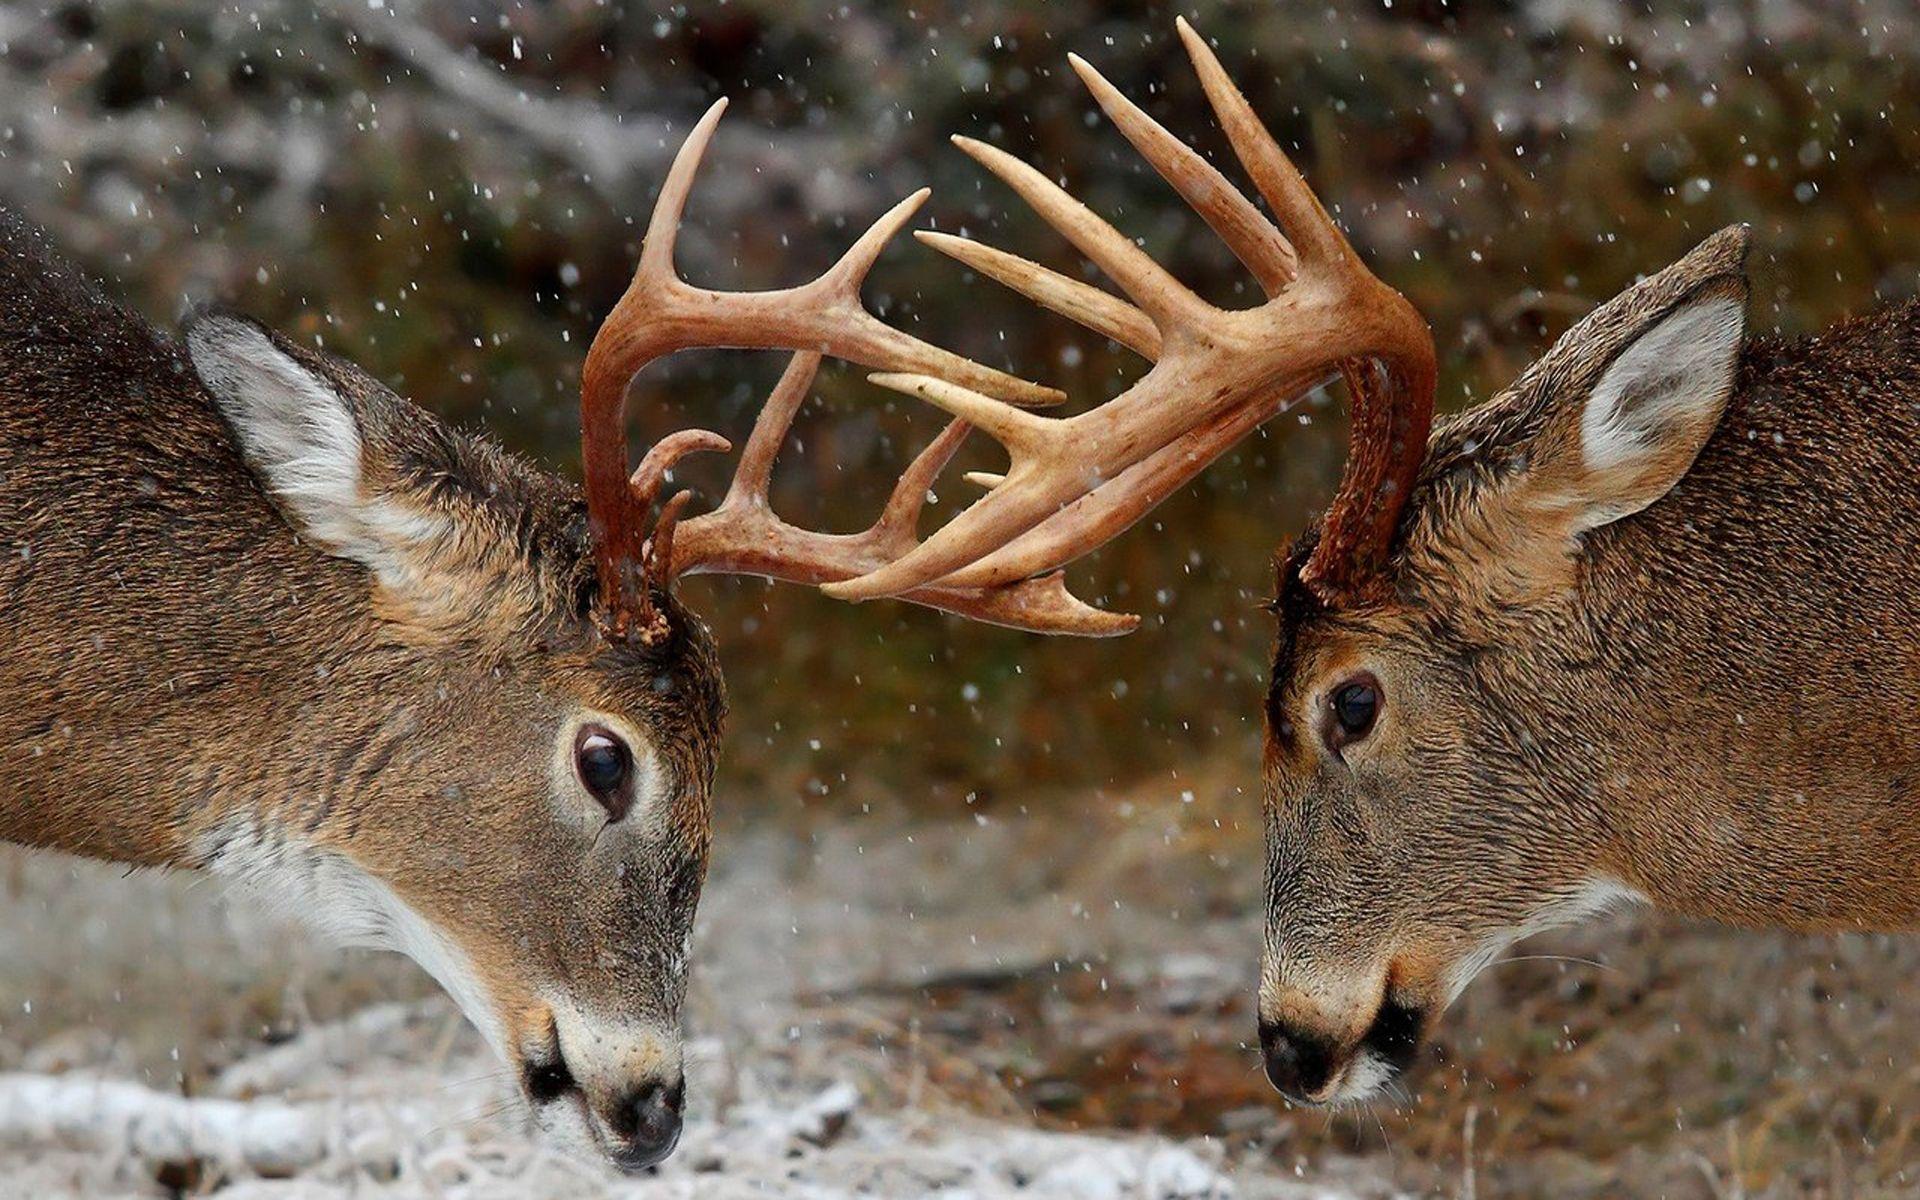 Amazing Two Deer Antlers Wallpaper Desktop Wallpaper Fight Night 1920x1200